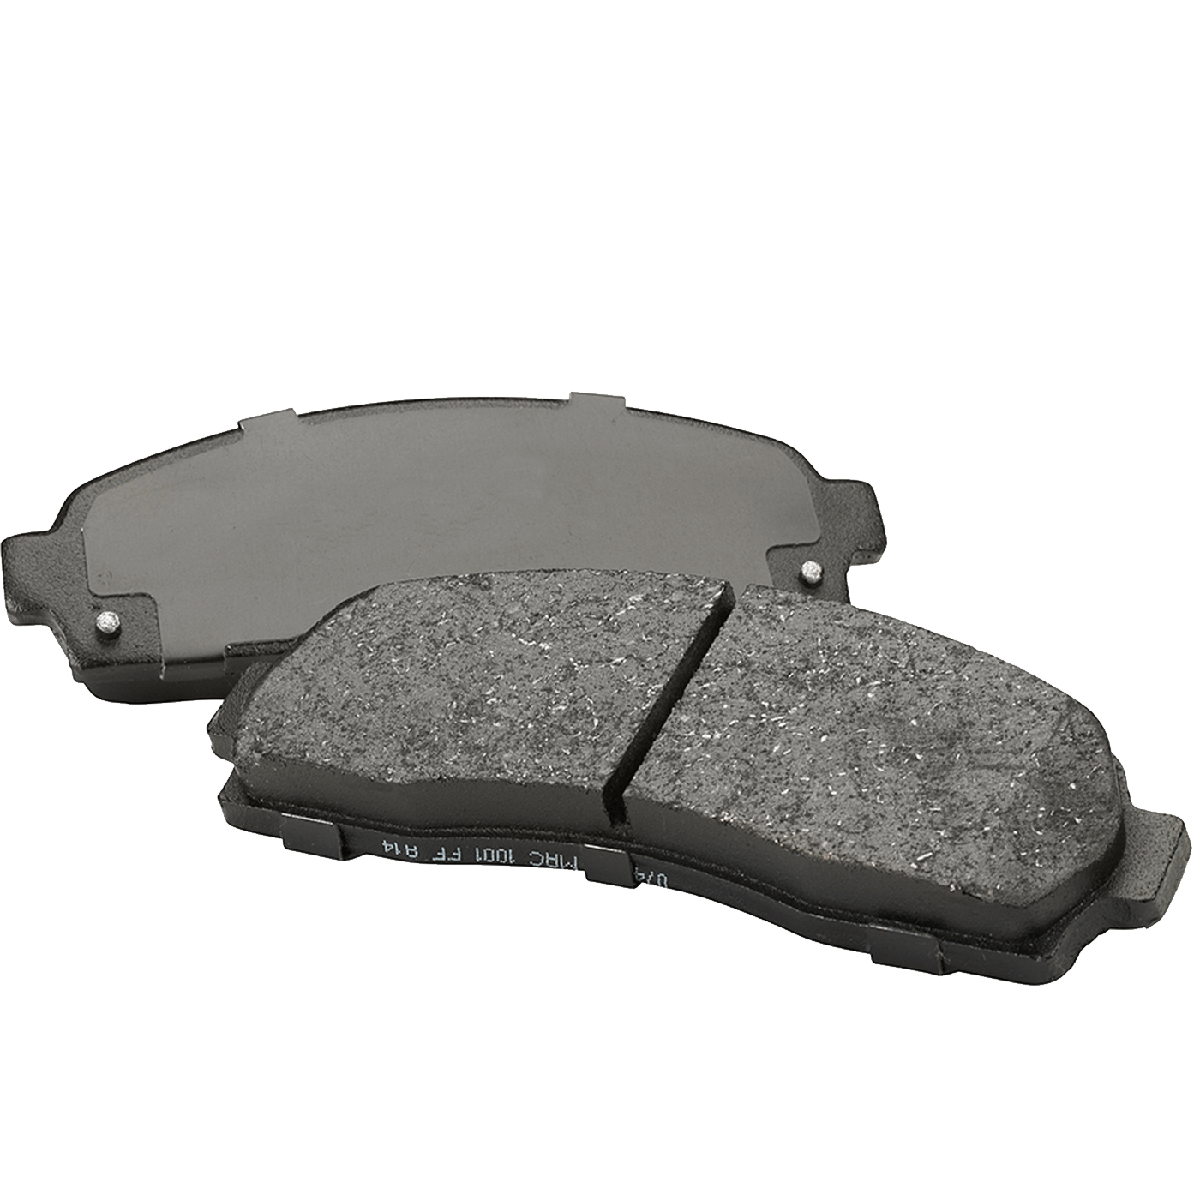 Lovely Brake Pads   Front: Ford Focus, Mazda 3, 5, Volvo V30, ...